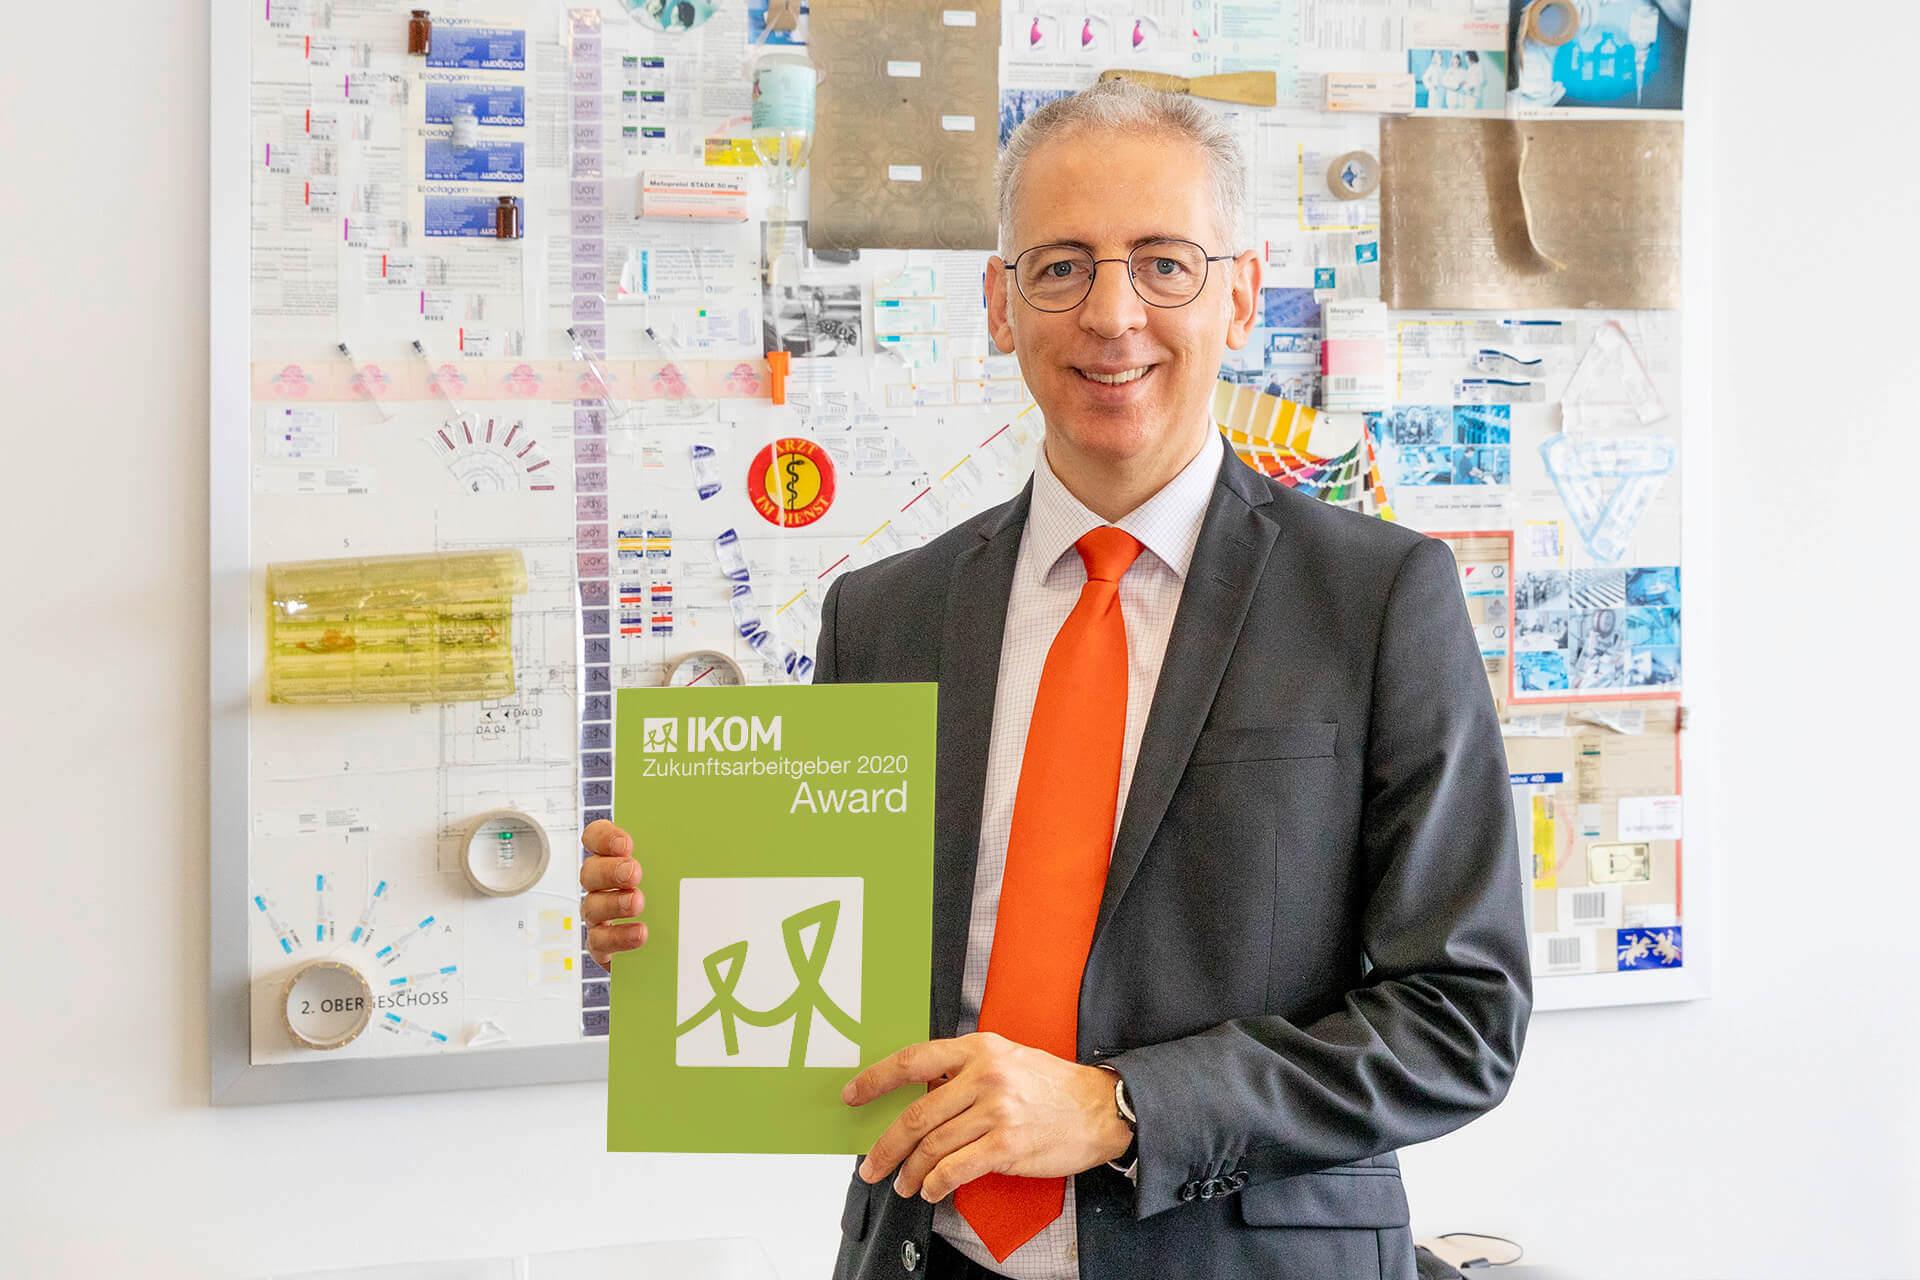 Geschäftsführer Roland Schreiner freut sich über die Auszeichnung als Zukunftsarbeitgeber 2020, die das langjährige Engagement für Mensch, Umwelt und Gesellschaft würdigt.